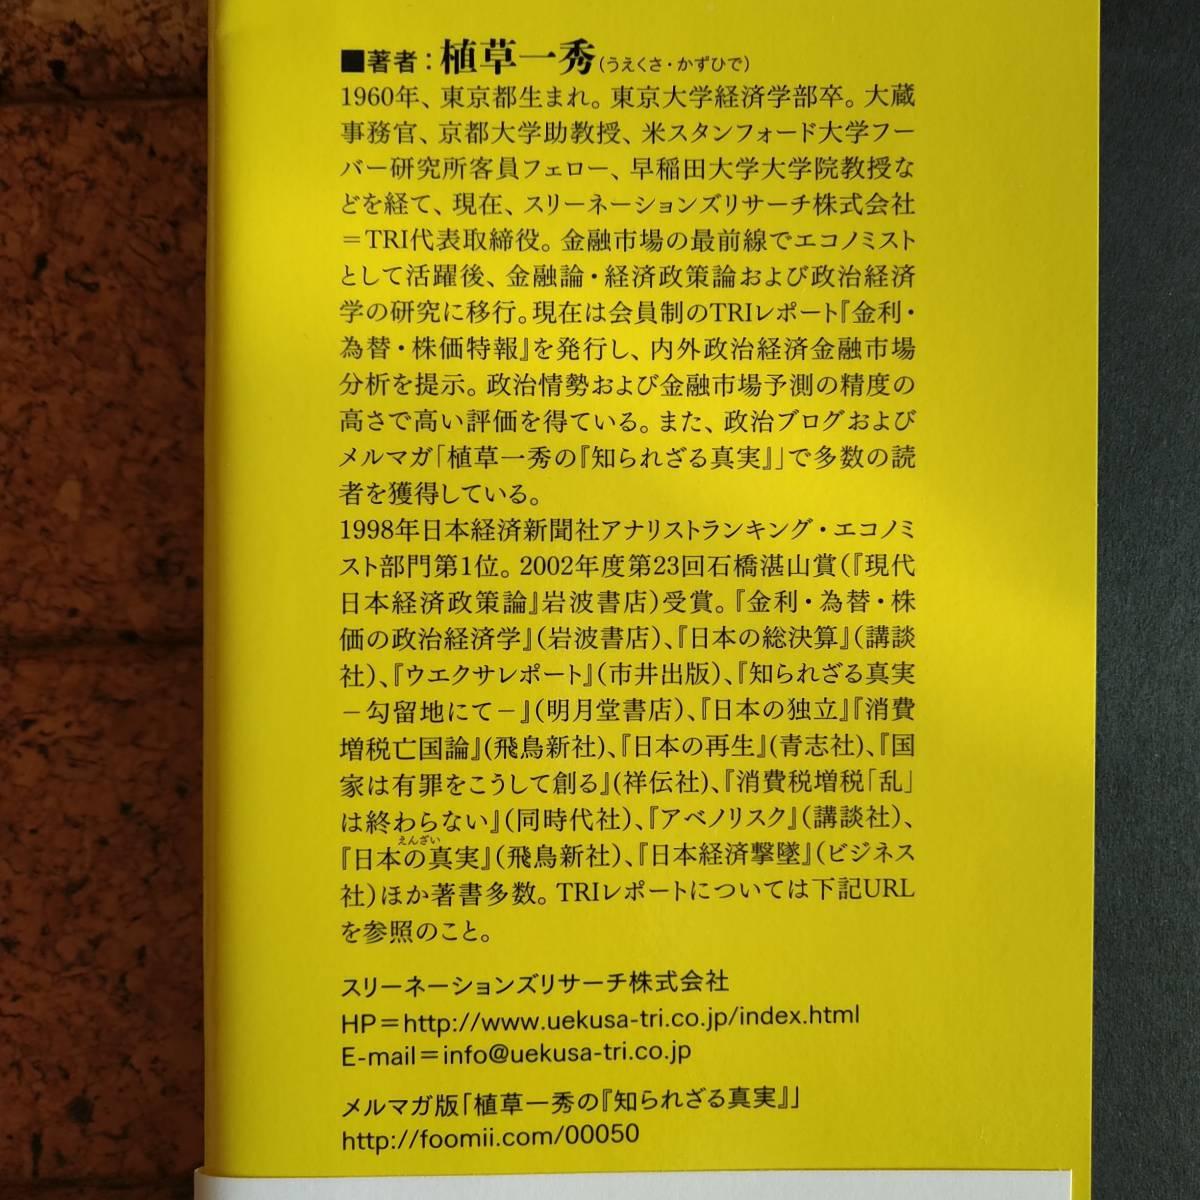 ■本■日本の奈落■植草一秀 東京大学 定価1760円 億り人億トレ株式投資信託FX不動産仮想通貨保険債券外債外貨お金持ち社債